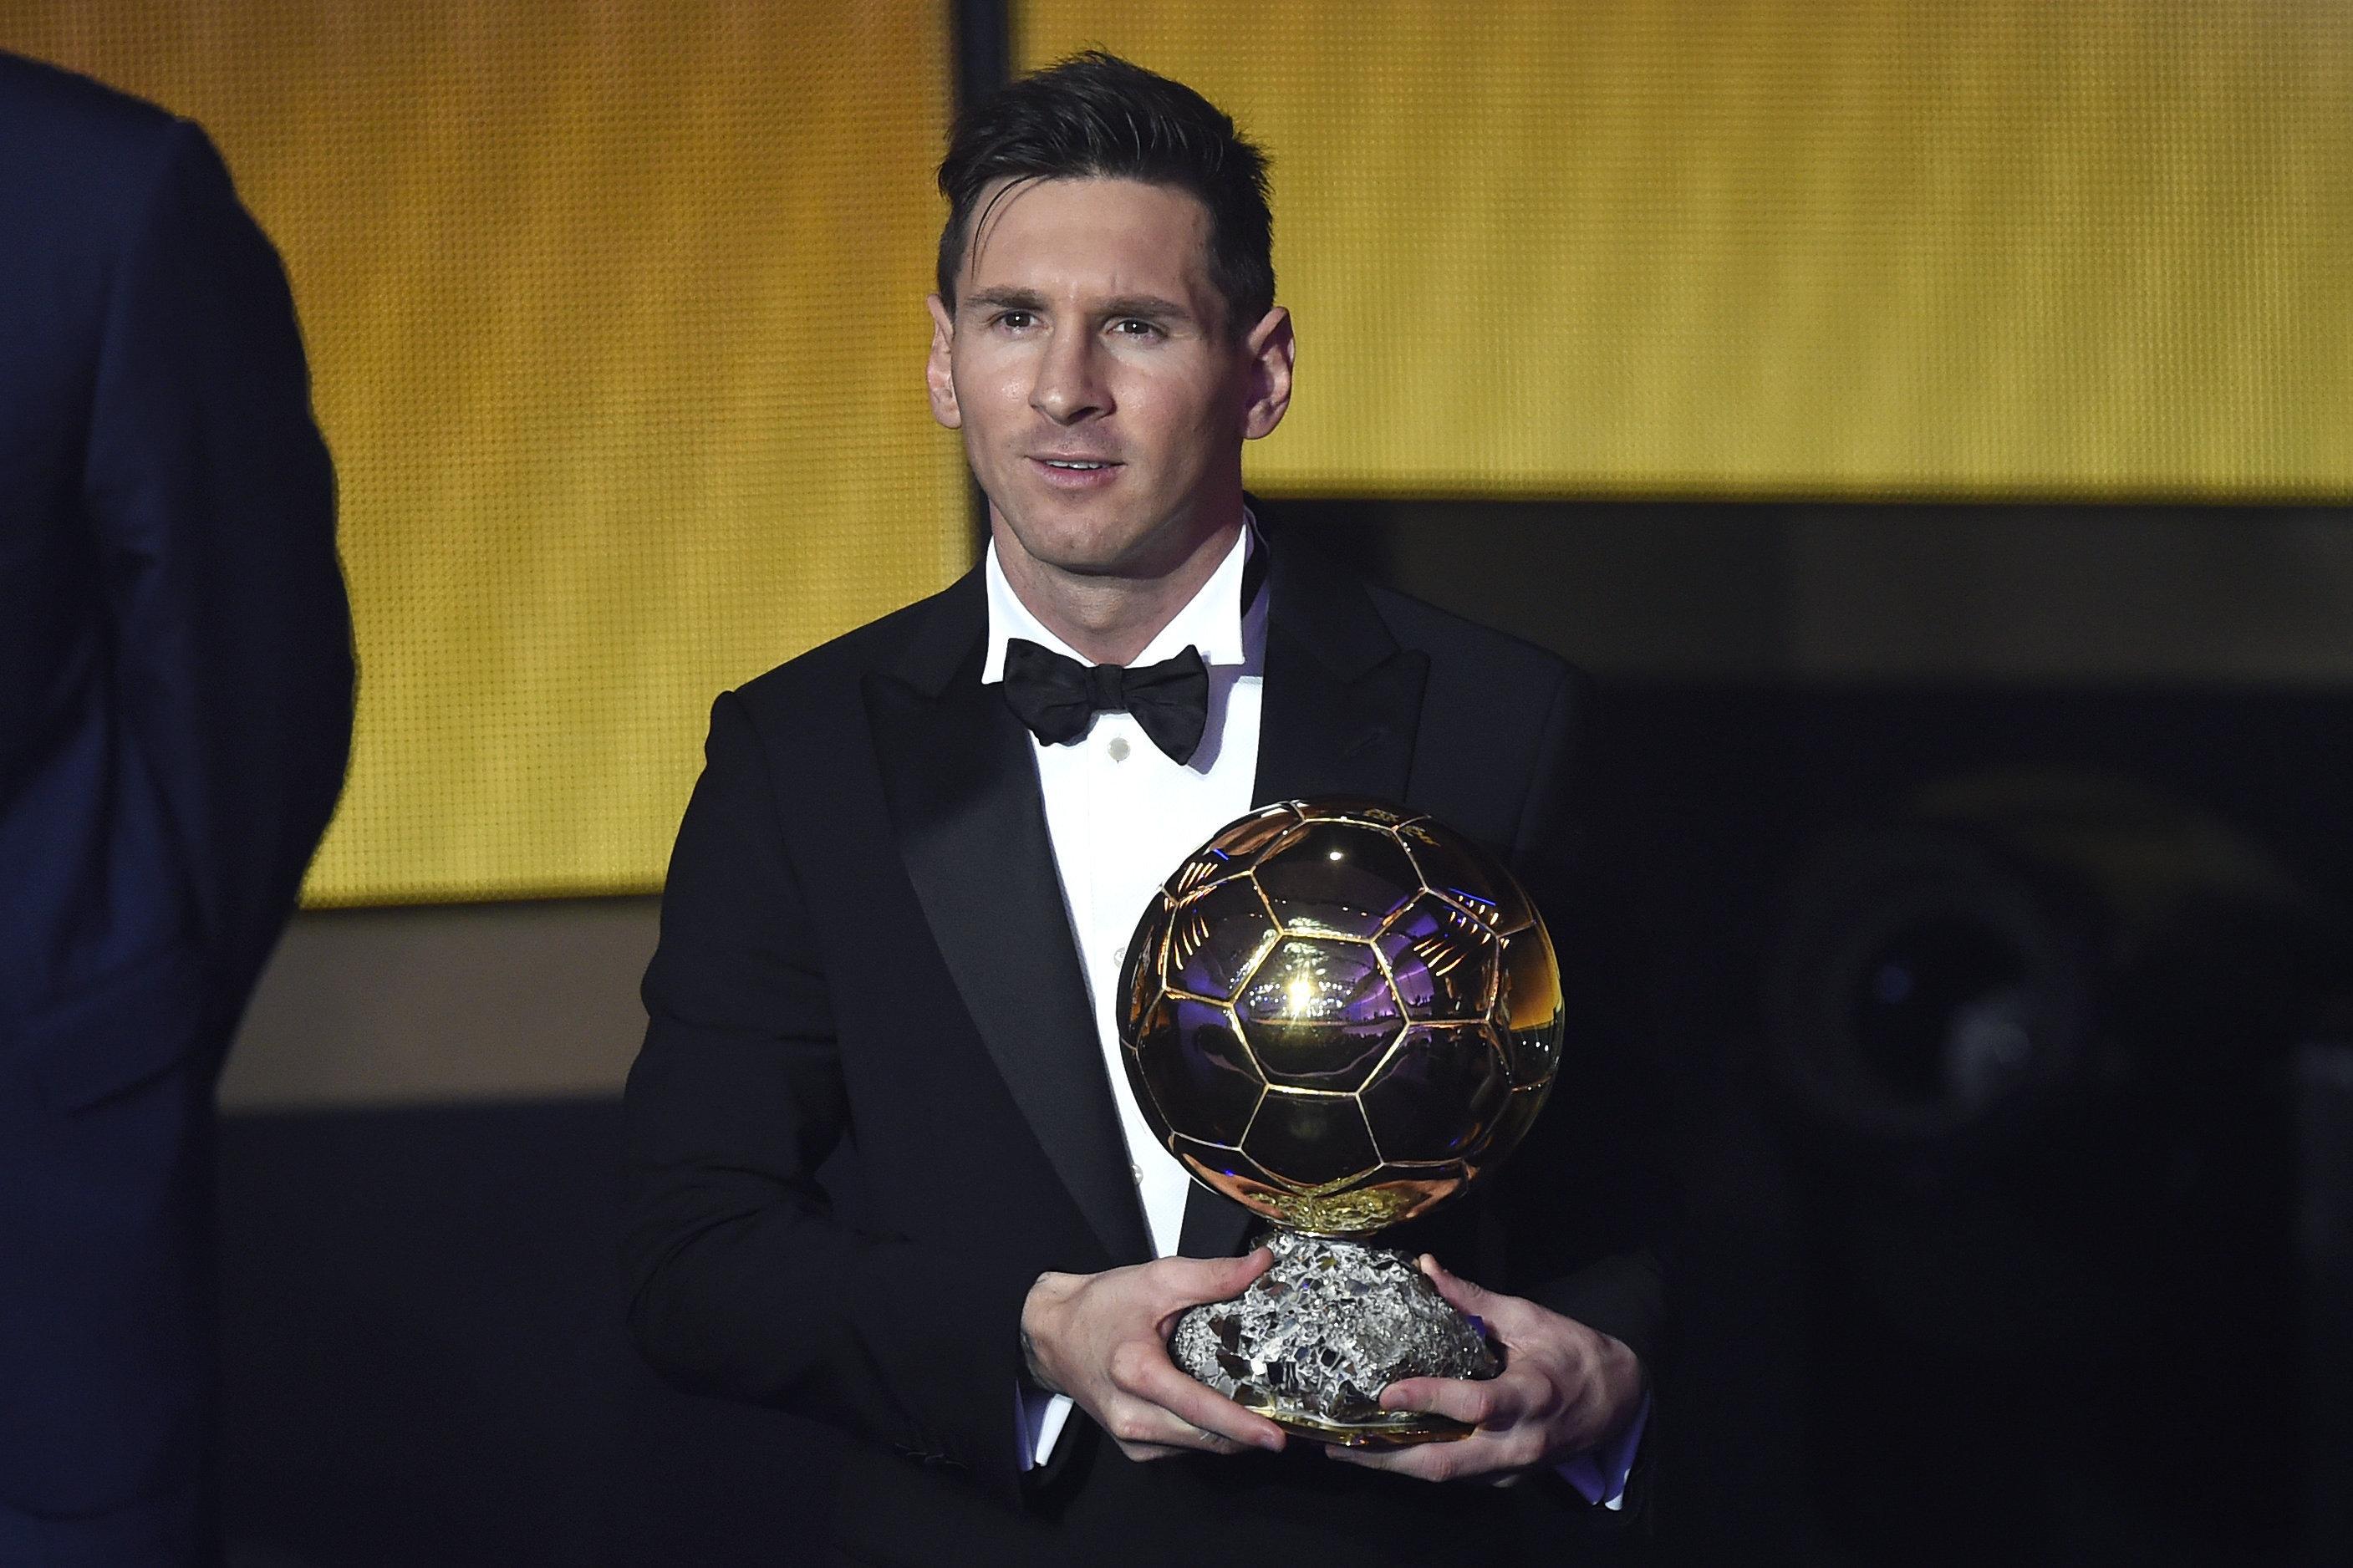 Lionel Messi, el futbolista argentino, con su quinto Balón de Oro de la FIFA